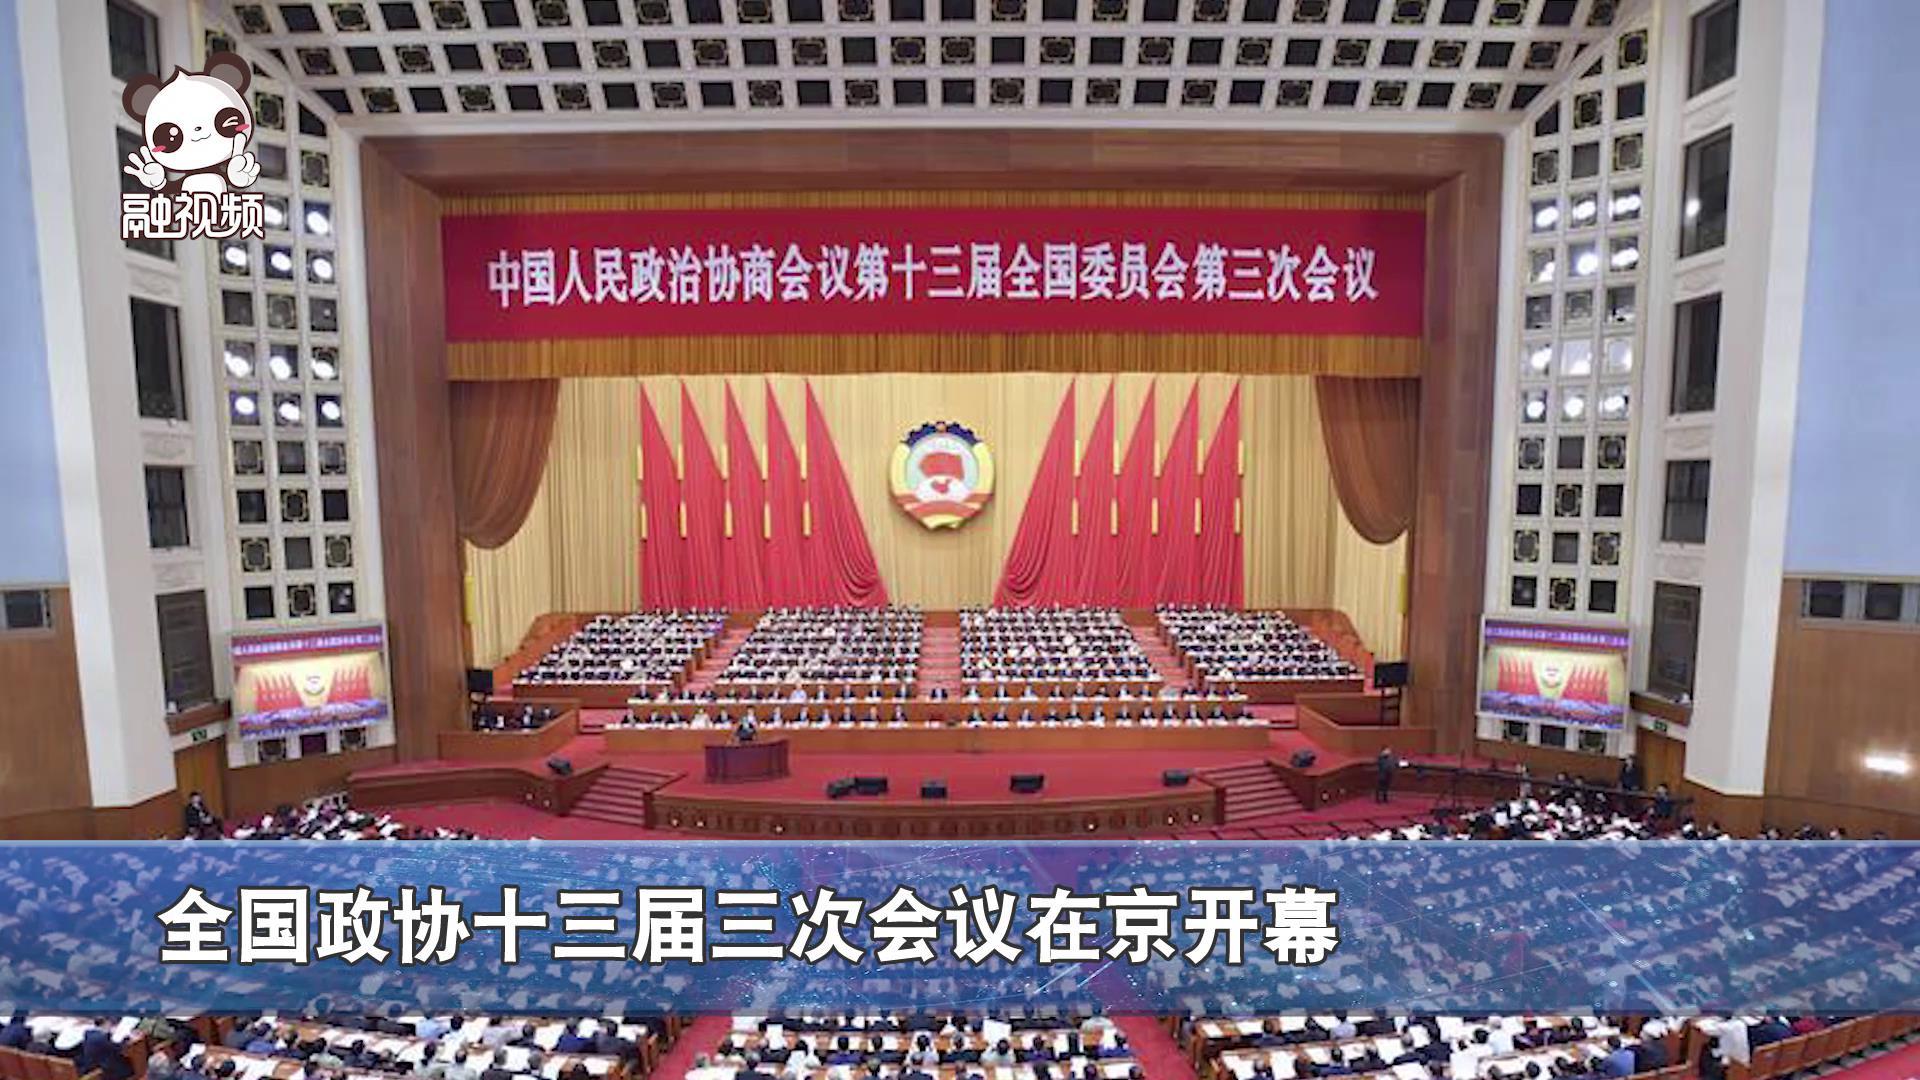 【融融看兩會】全國政協十三屆三次會議在京開幕 視頻連線傾聽委員聲音